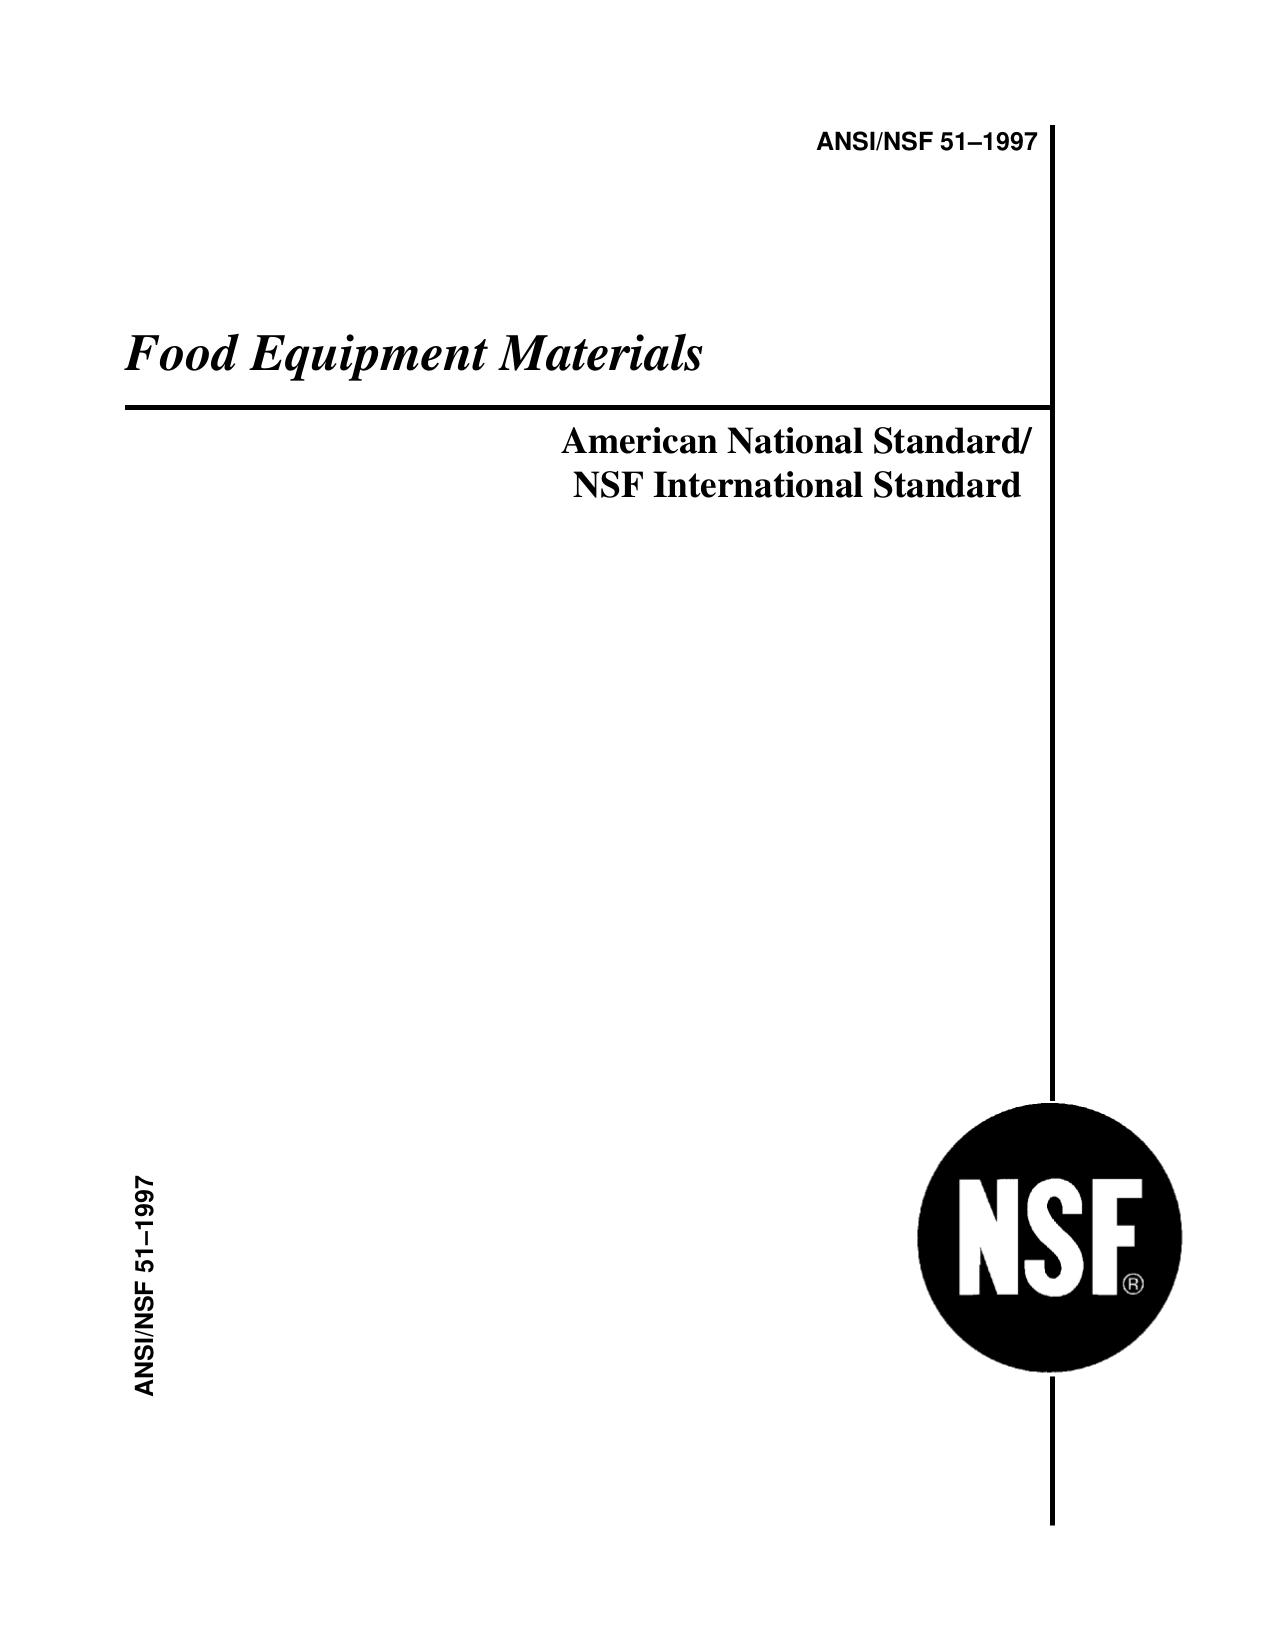 pdf for Hussmann Freezer FG manual